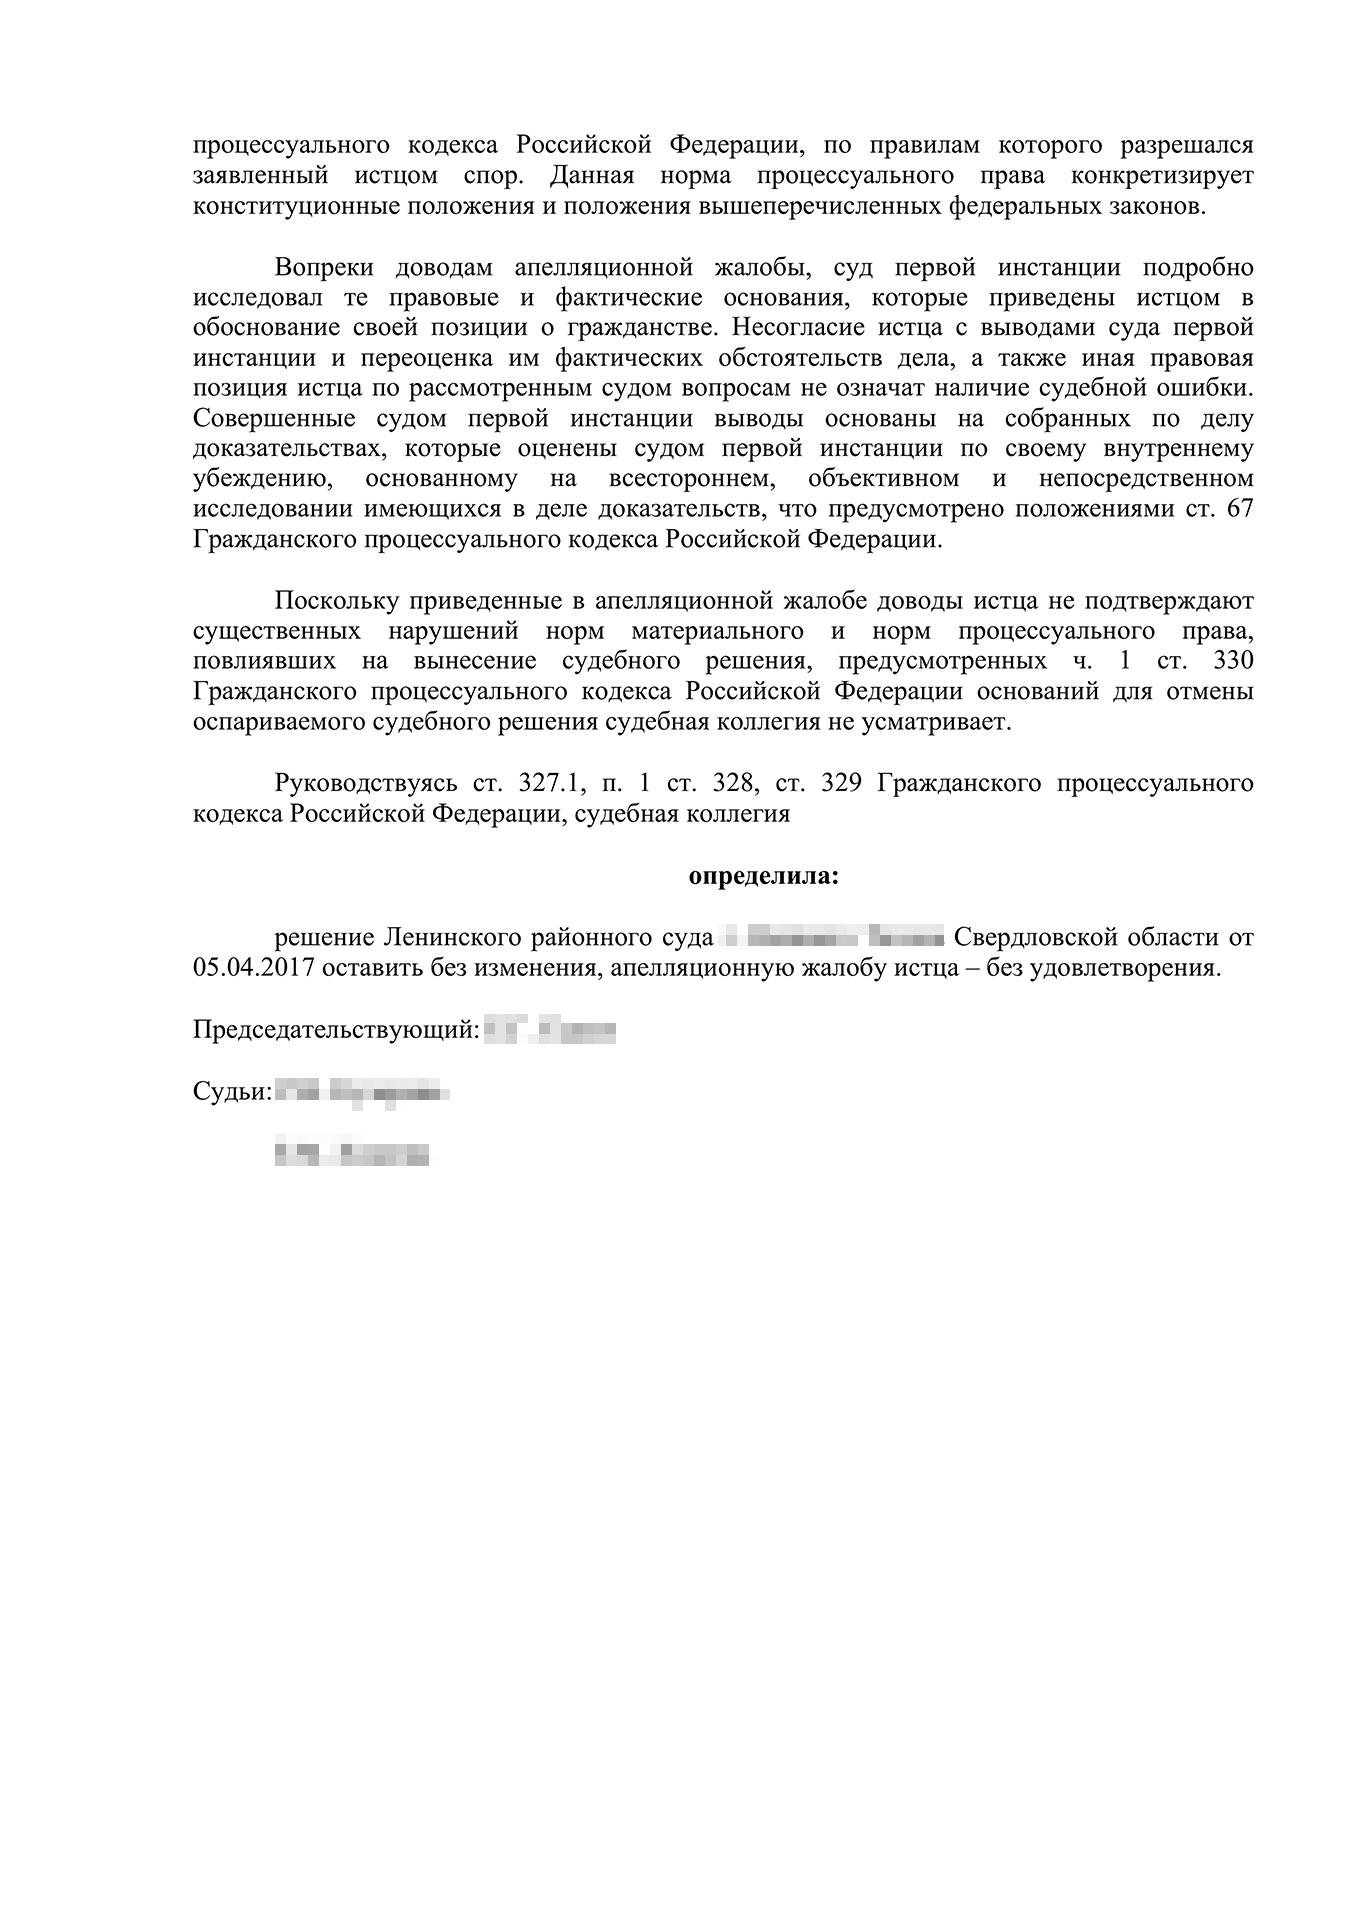 Суд апелляционной инстанции отказал Лидии в признании ее гражданкой СССР